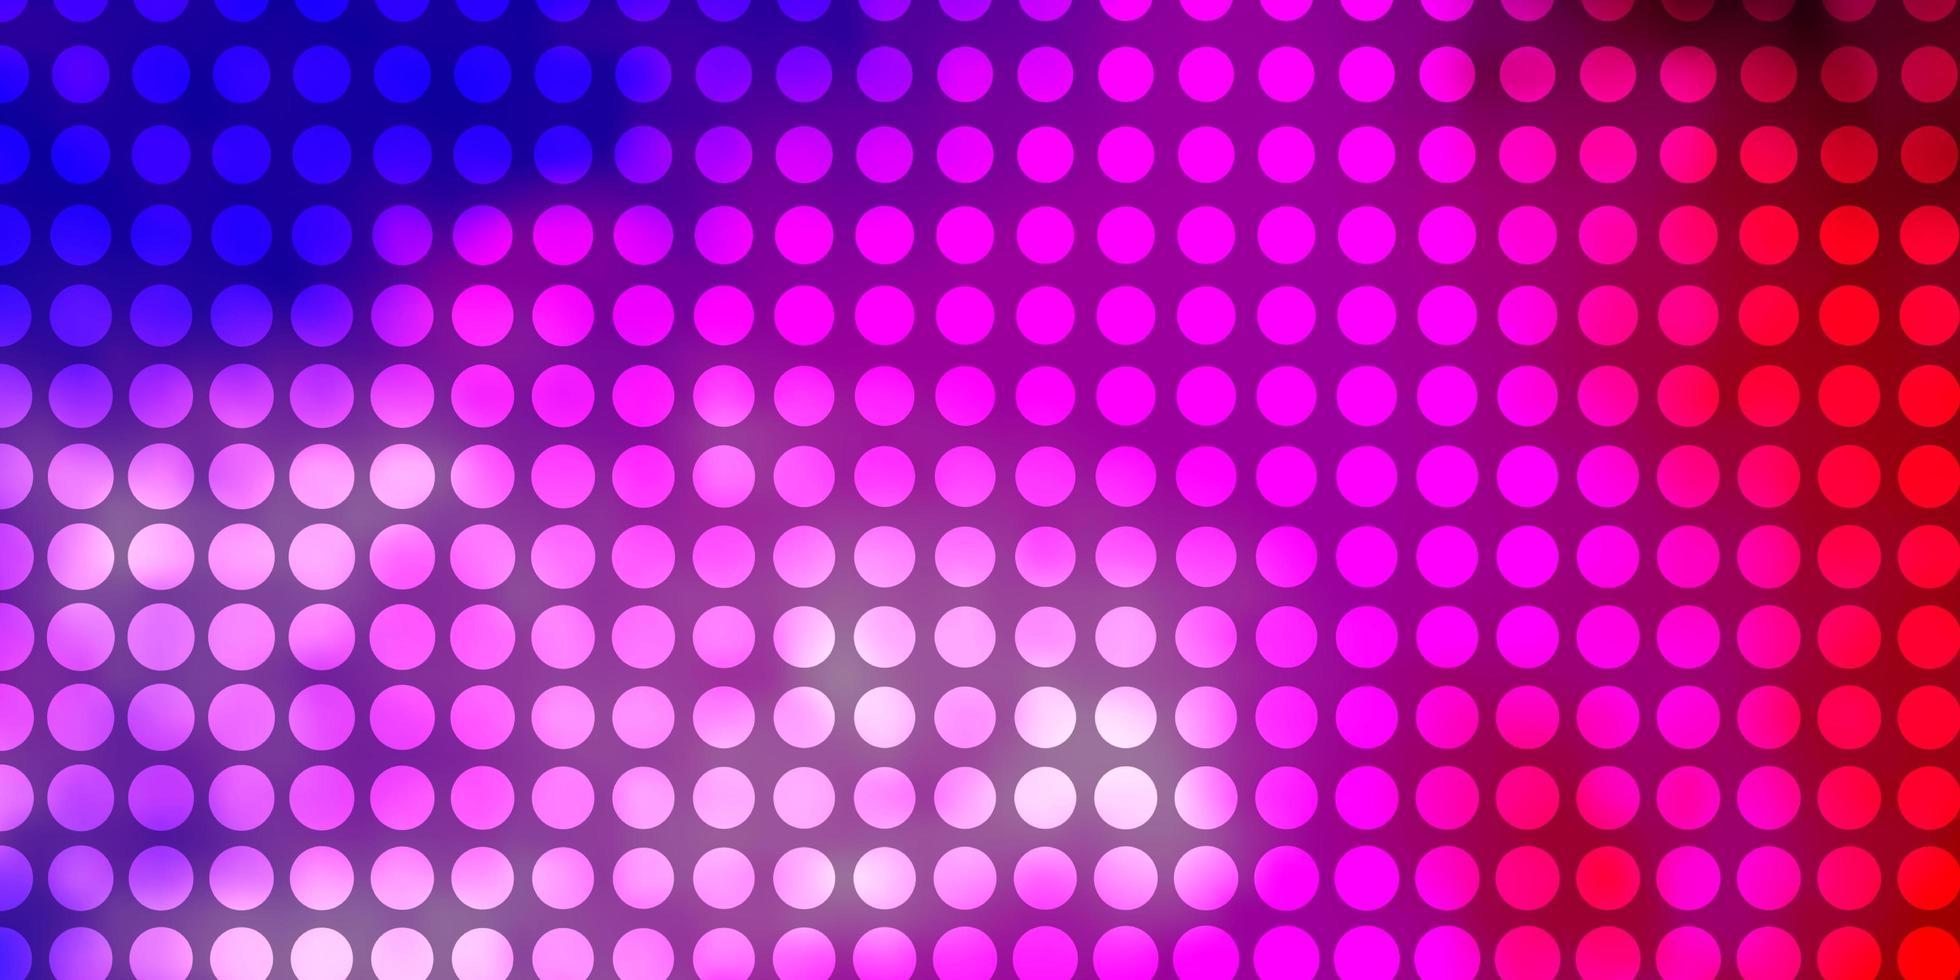 ljusrosa, blå vektormönster med cirklar. vektor